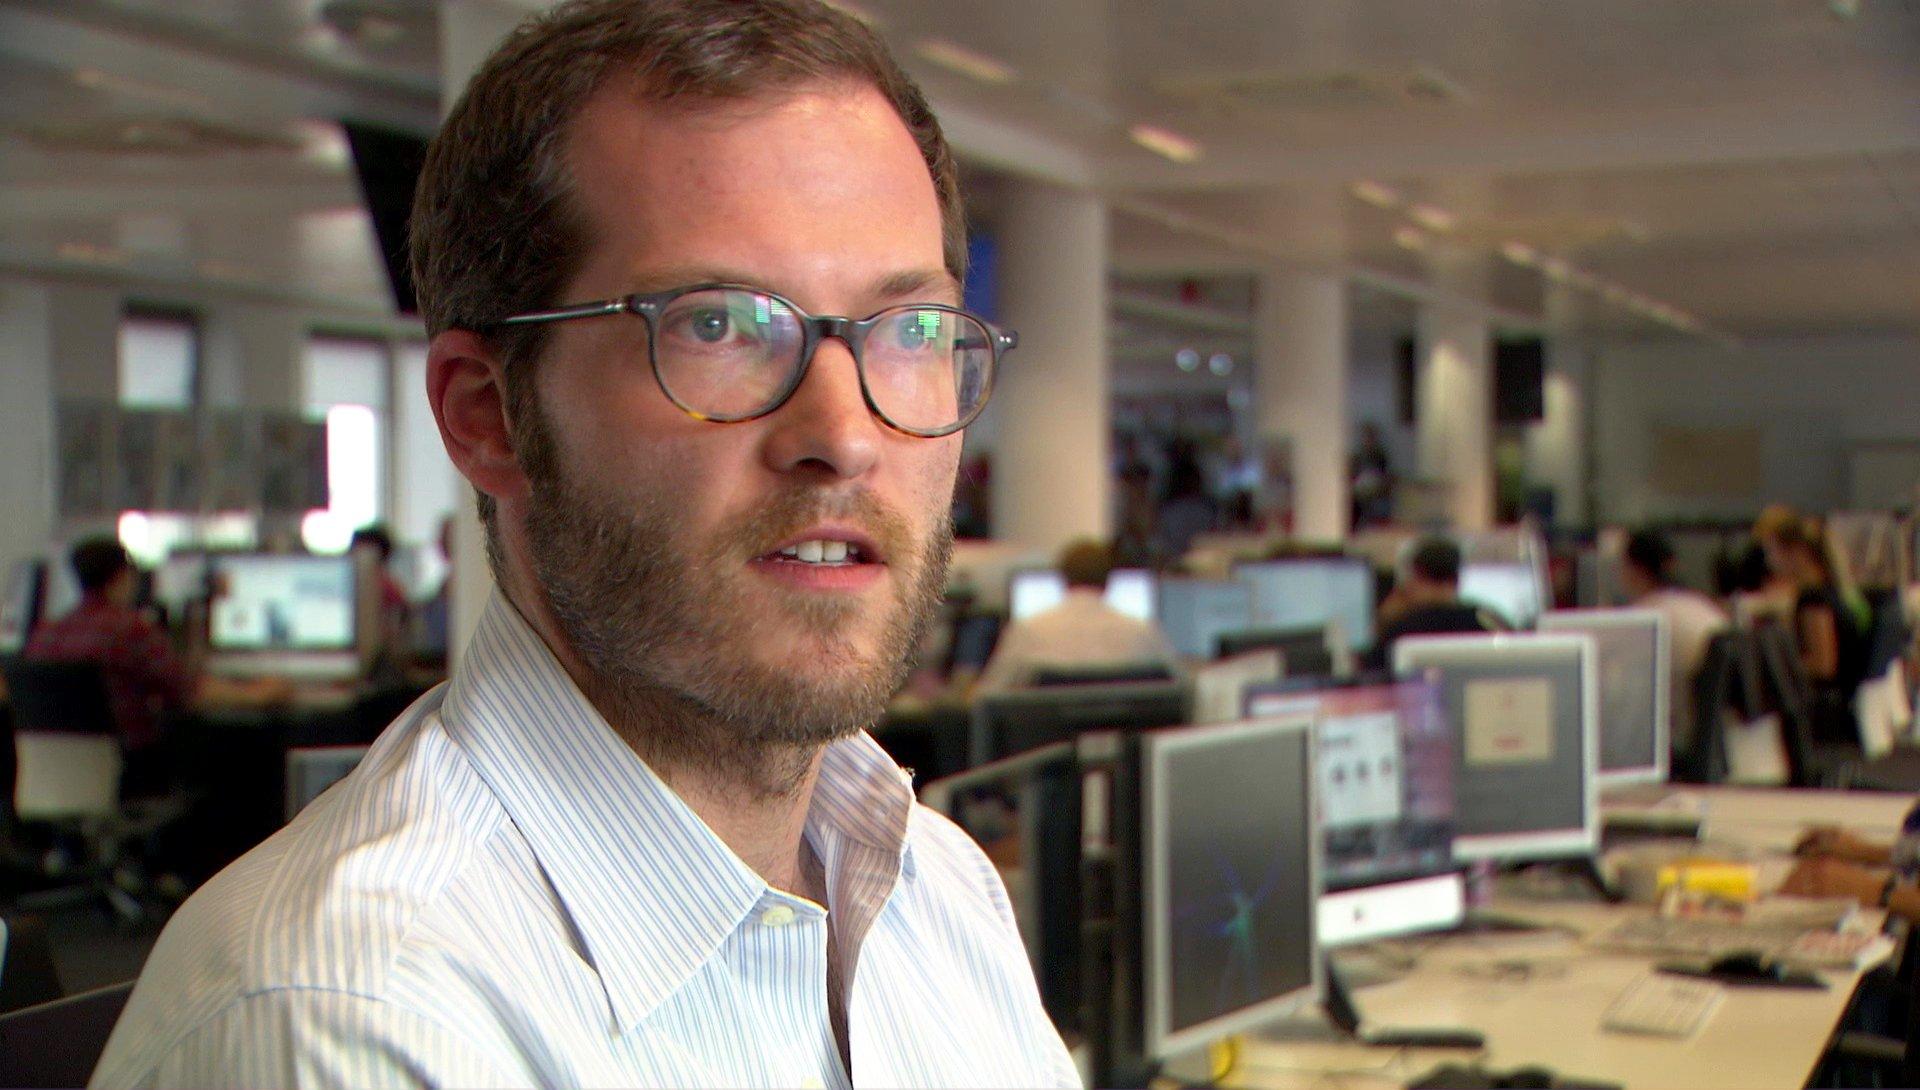 Welche Macht haben Medien (noch)? BILD-Chef Julian Reichelt im Interview